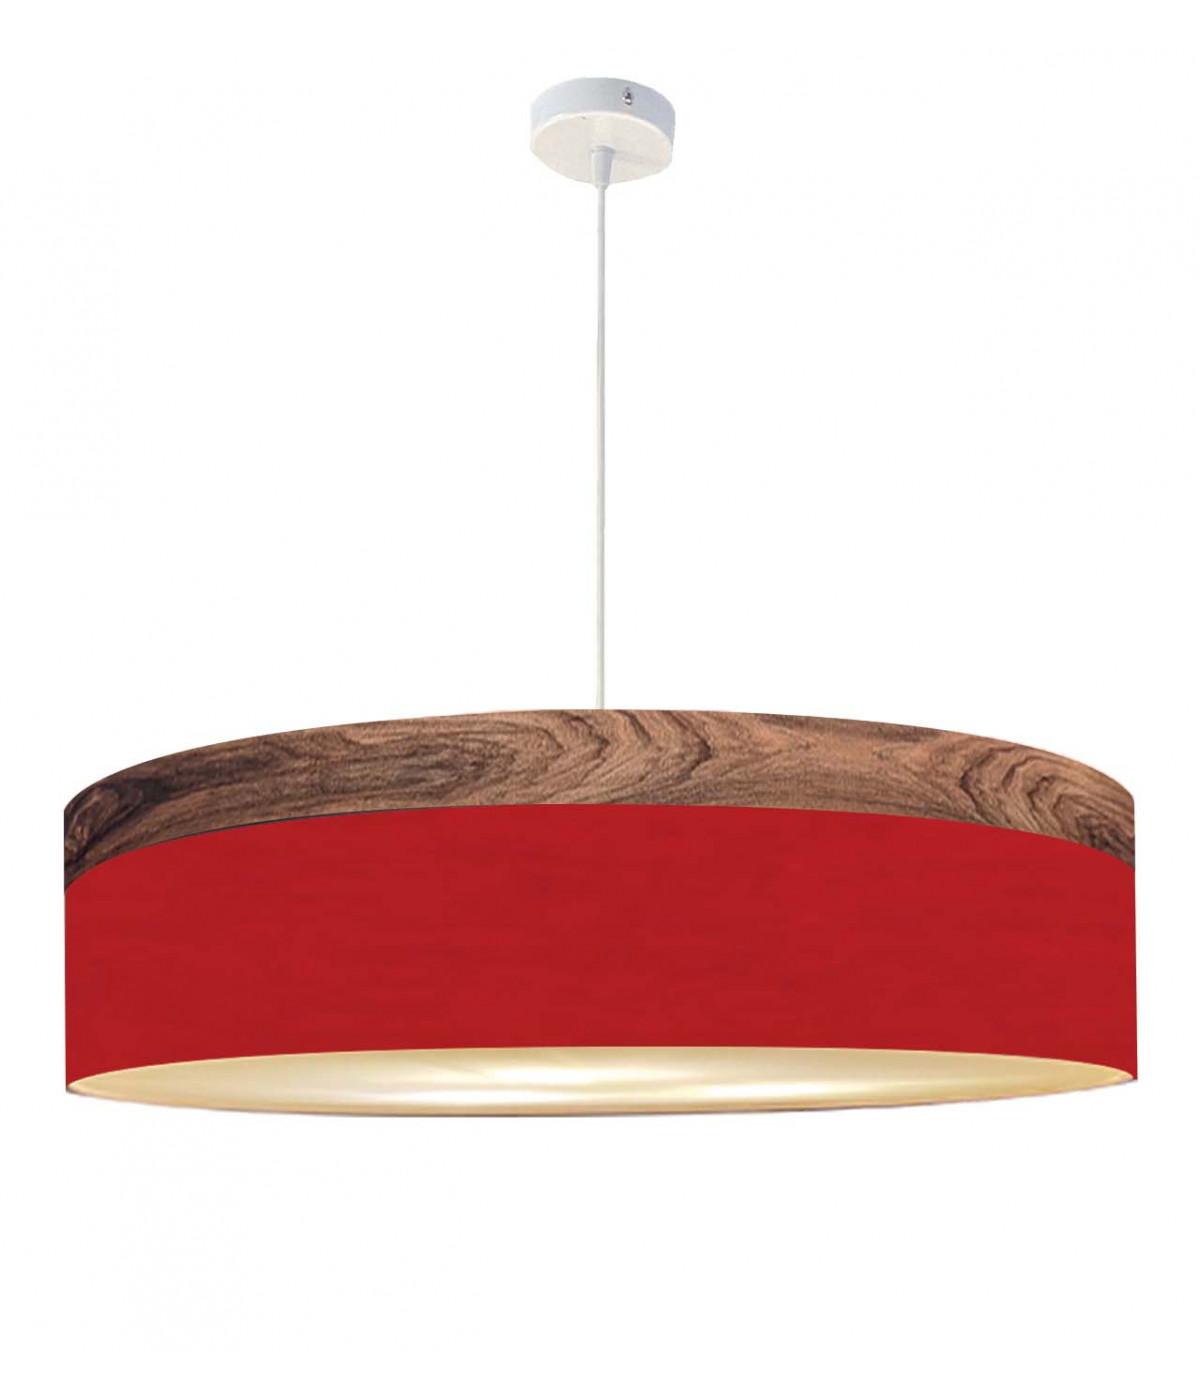 Suspension rouge d 65 cm